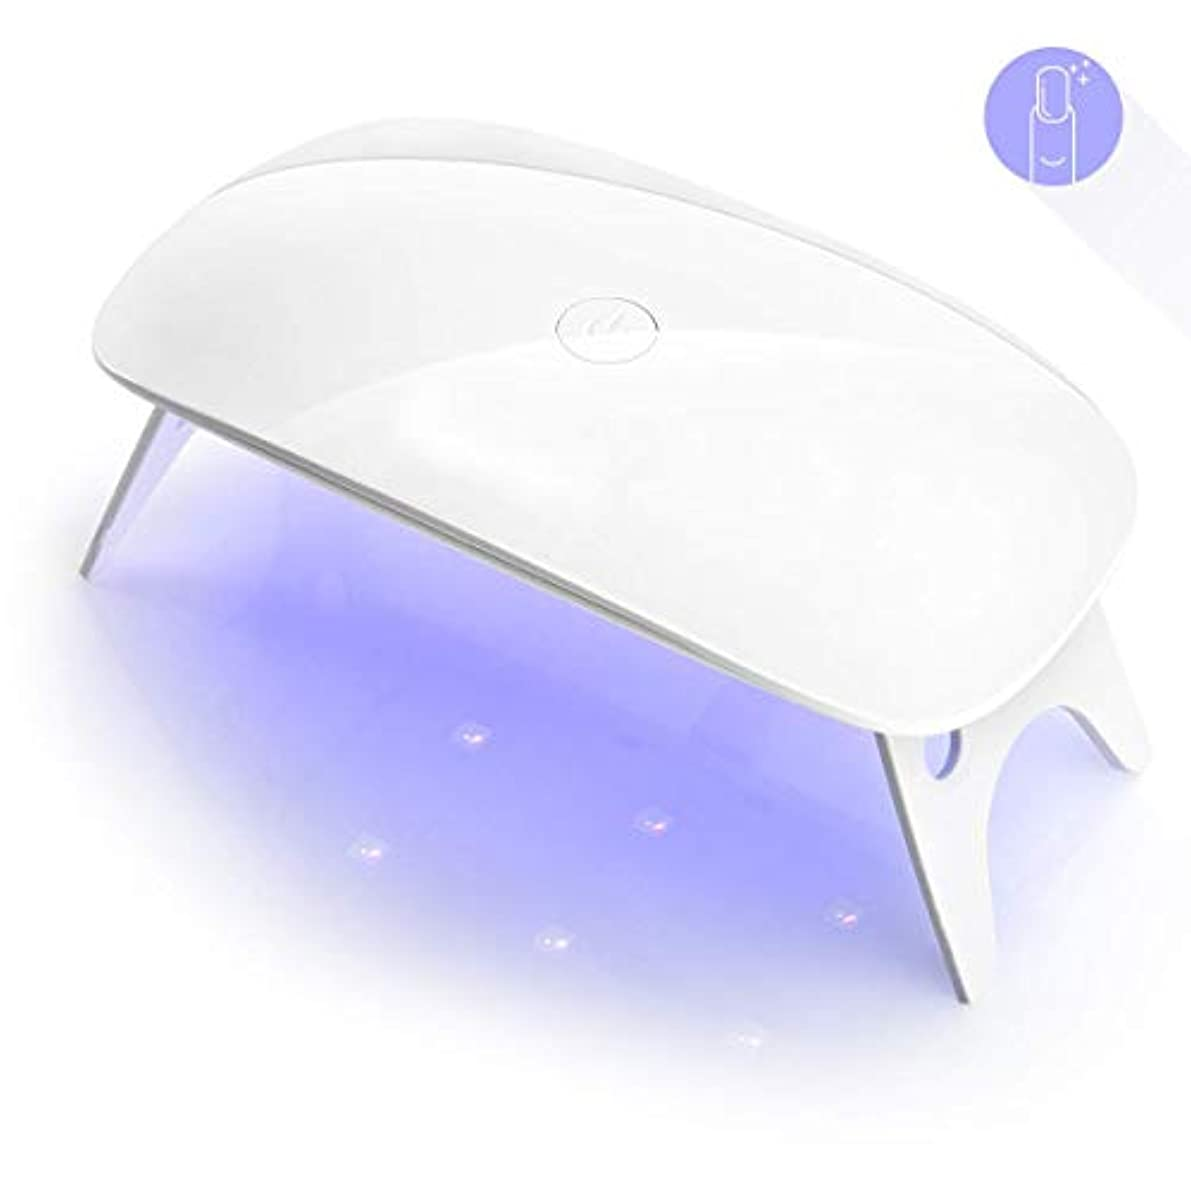 ミニチュアマインドフル足音ZMiw LEDネイルドライヤー UVライト タイマー設定可能 折りたたみ式手足とも使える 人感センサー式 LED 硬化ライト UV と LEDダブルライト ジェルネイル用 ホワイト (white)